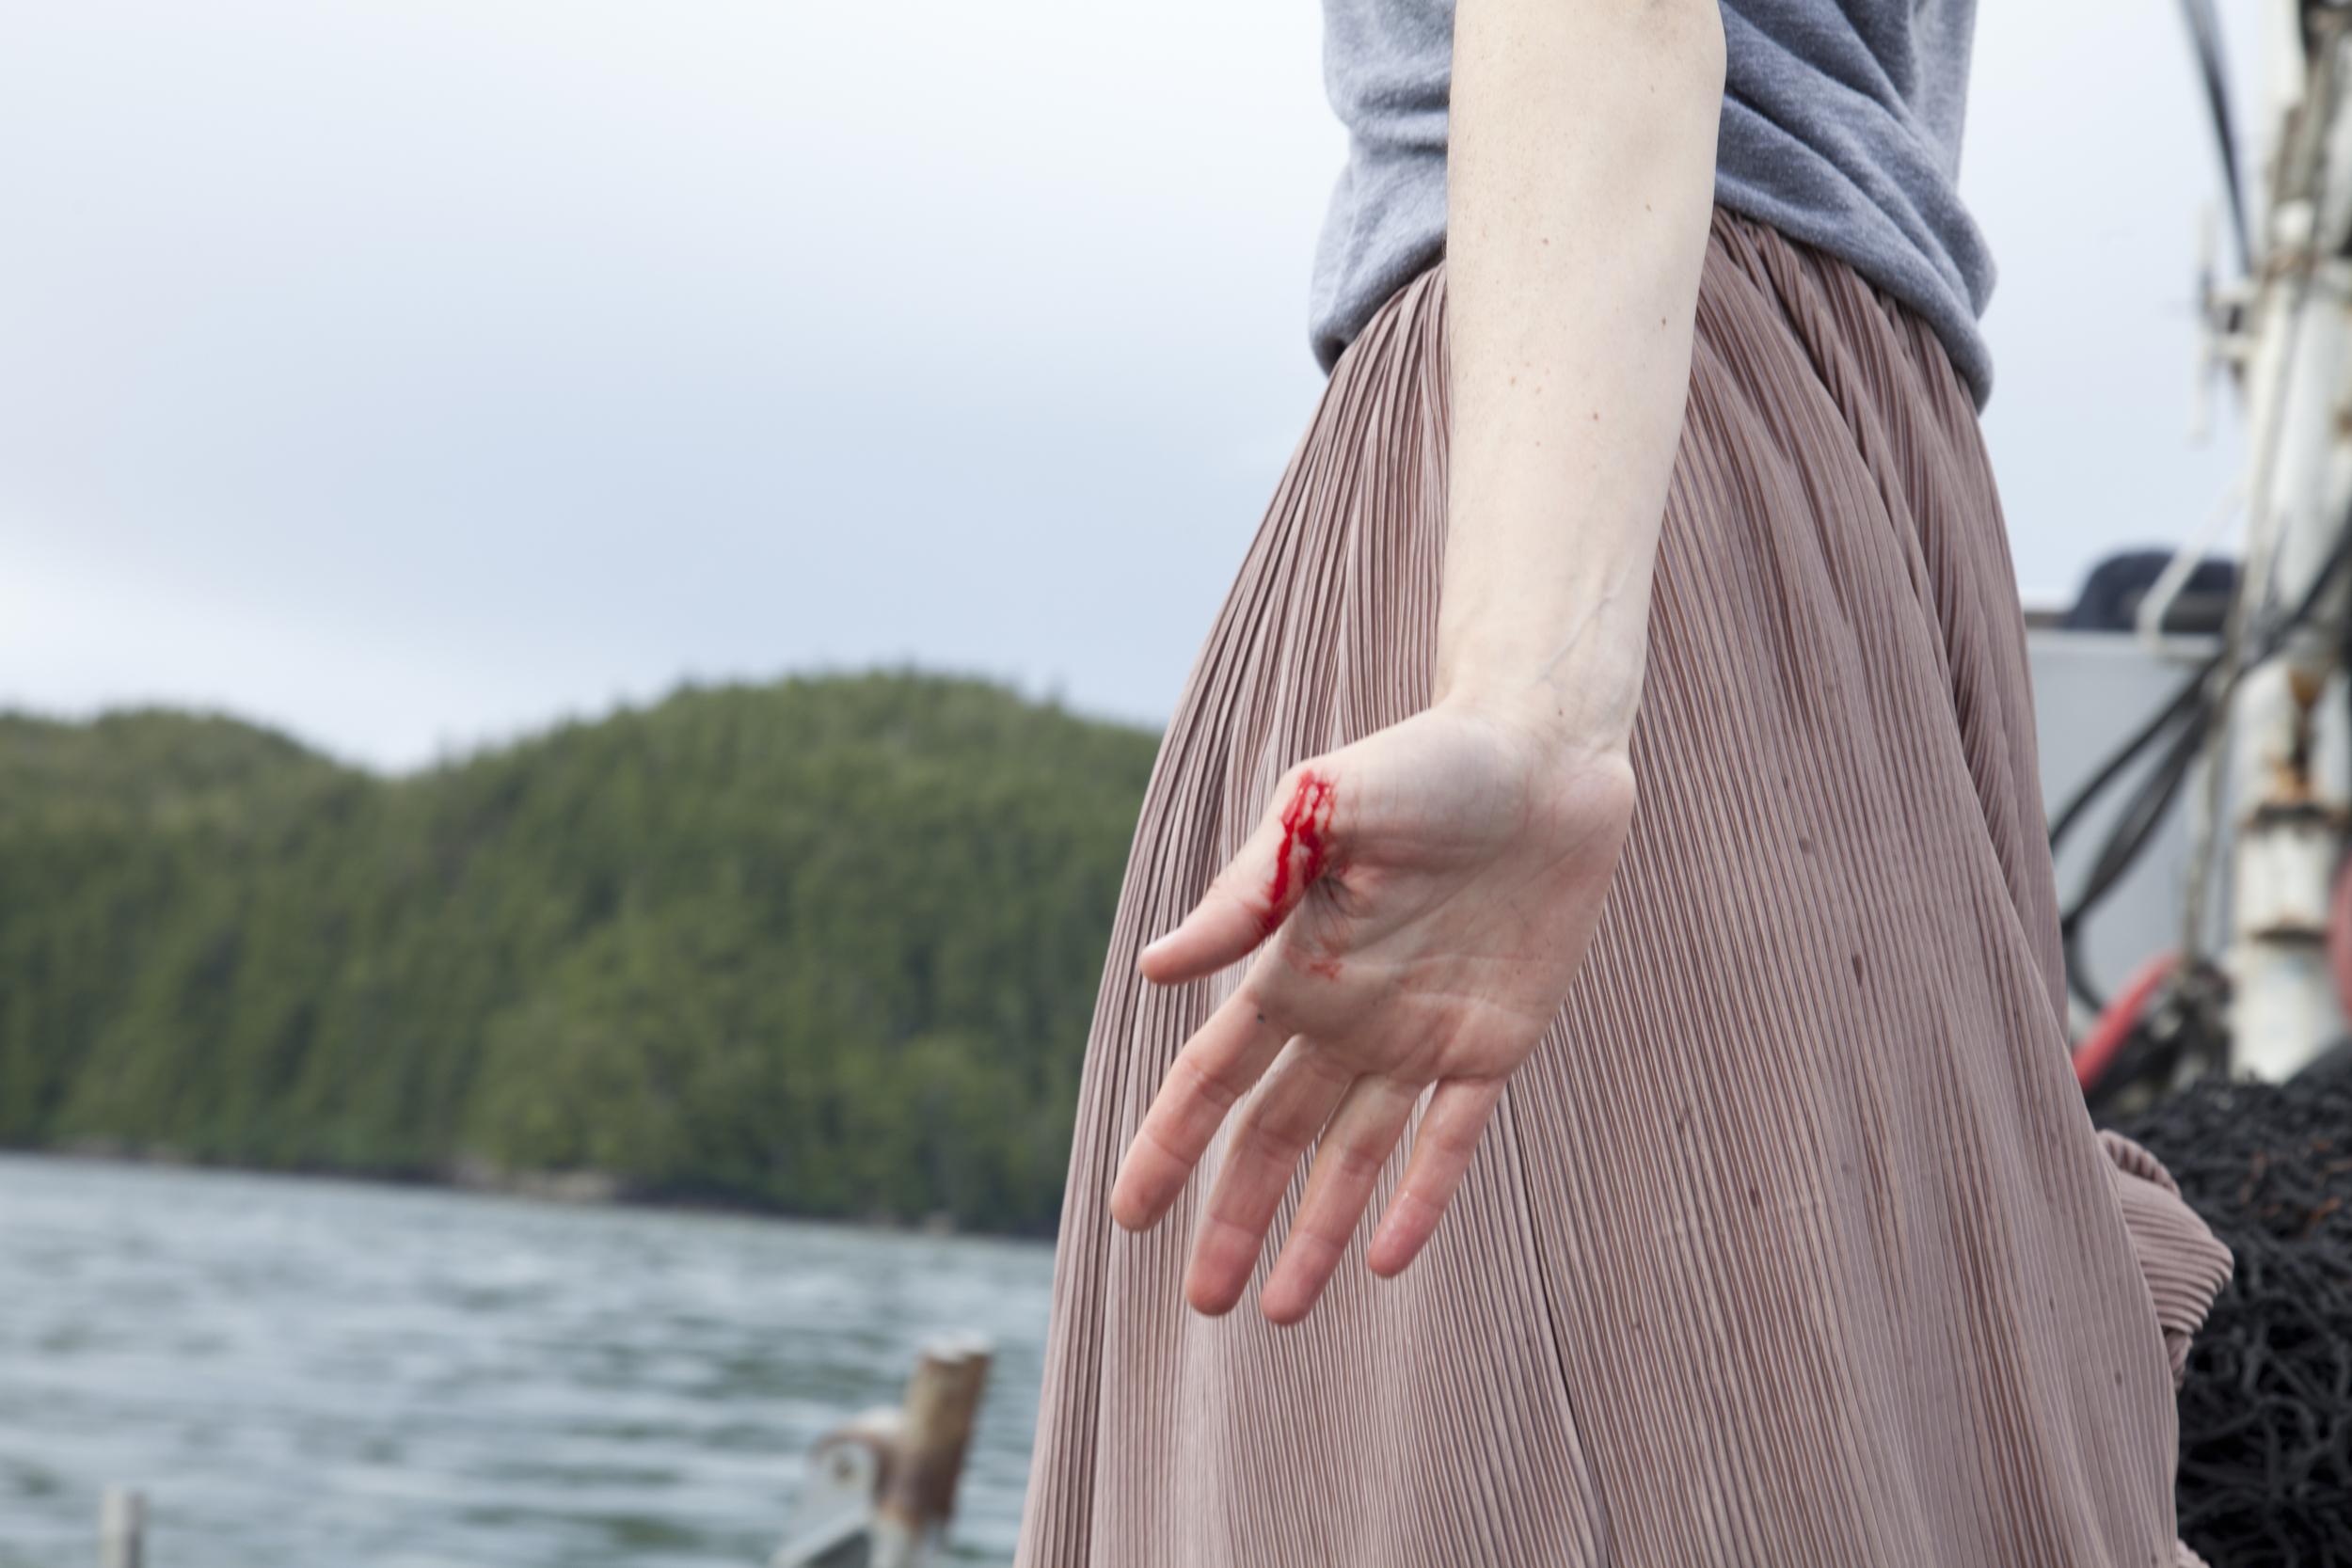 carmen_king_bleeding_hand.jpg